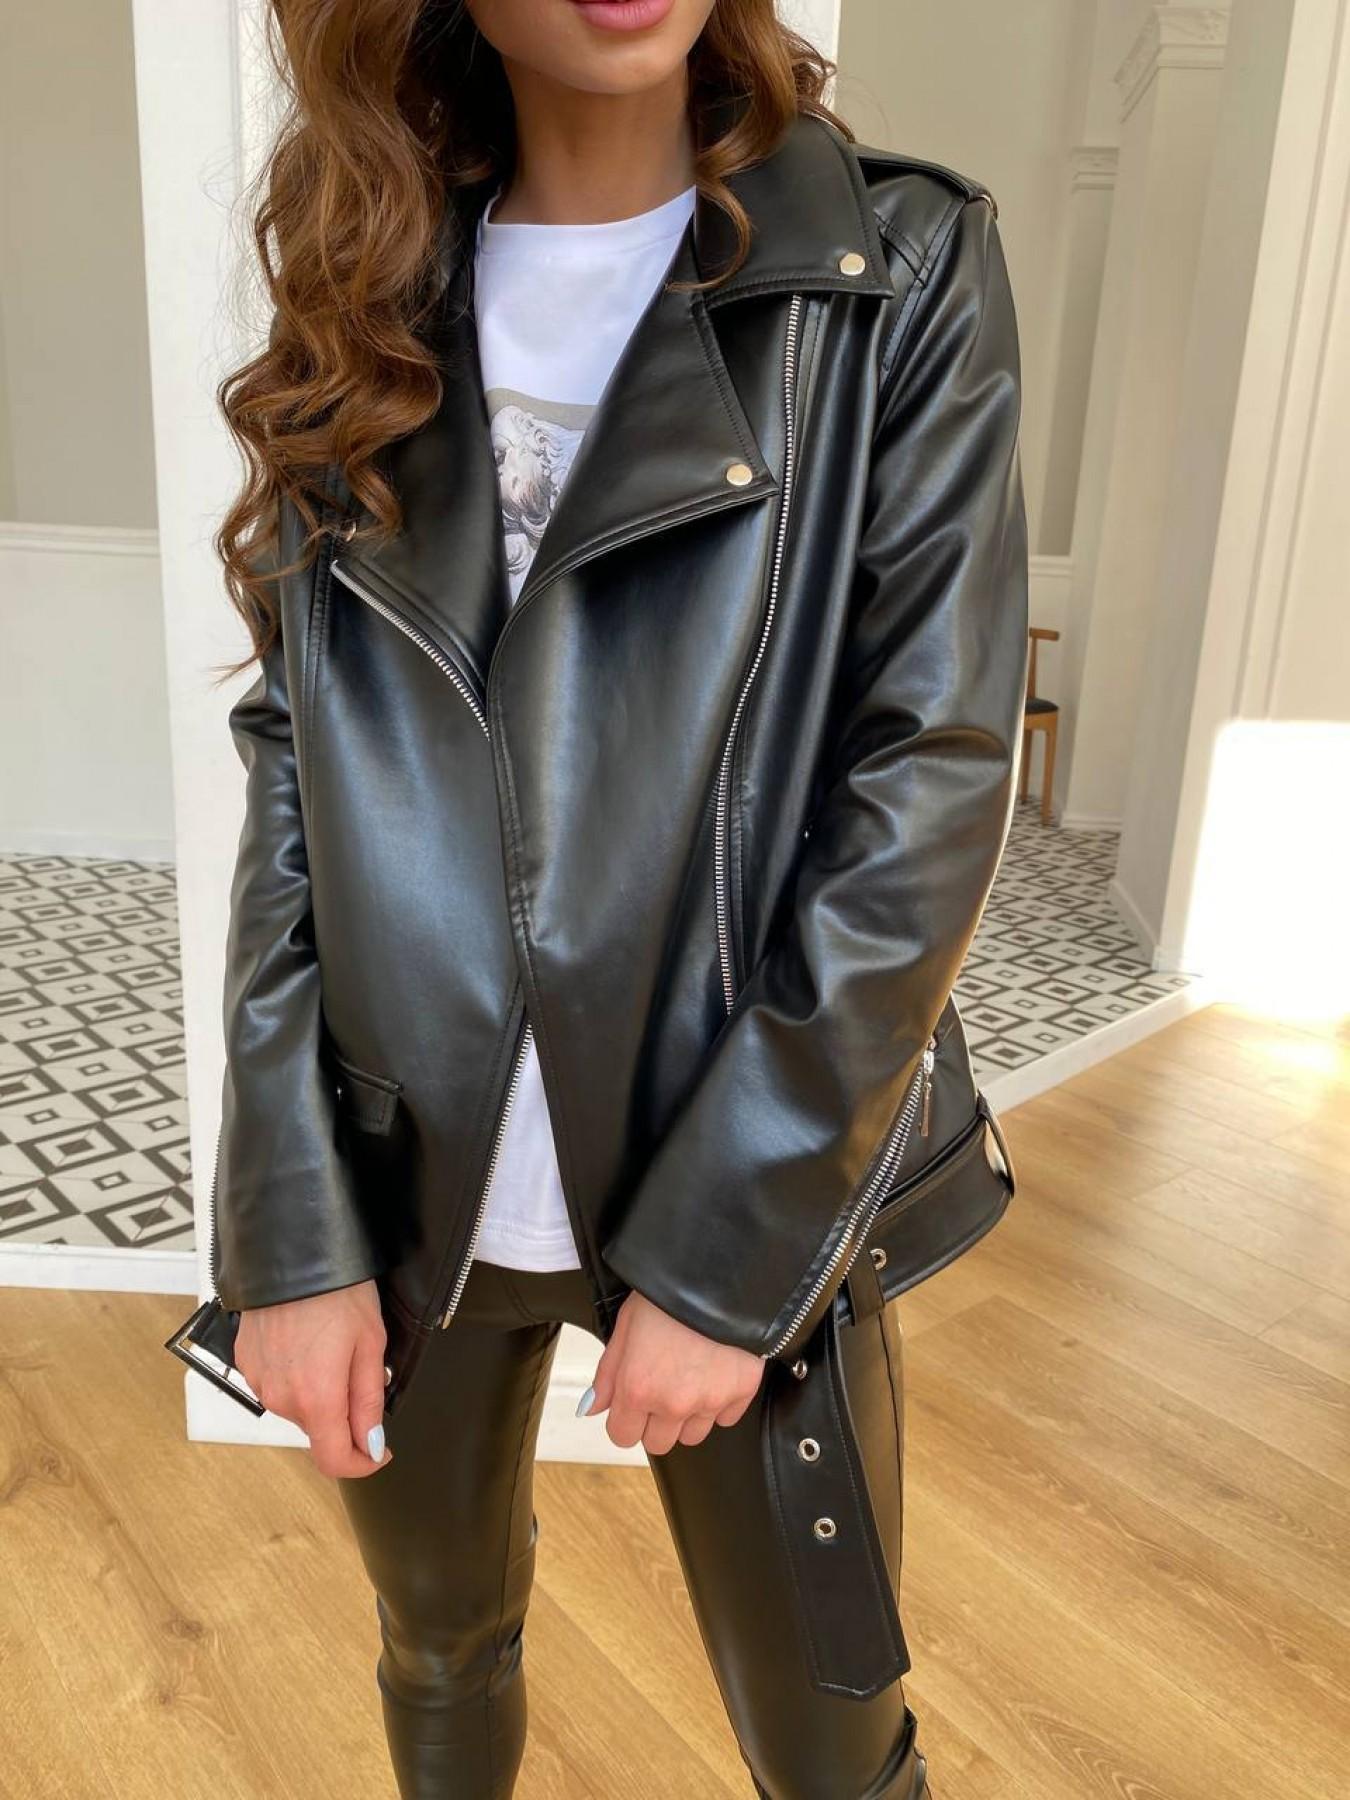 Босс куртка из экокожи прокатанной  11173 АРТ. 47668 Цвет: Черный - фото 3, интернет магазин tm-modus.ru